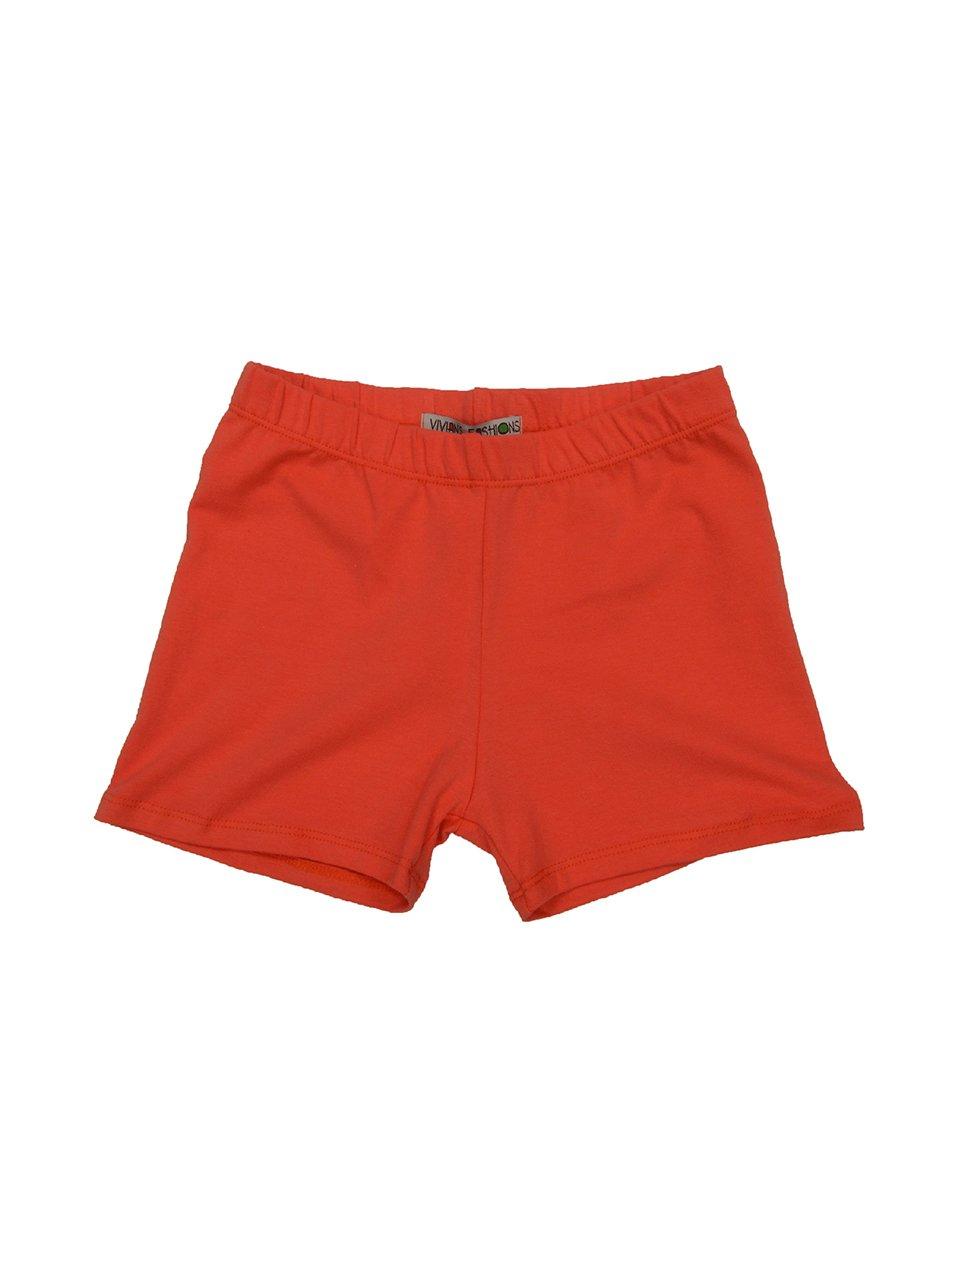 Vivian's Fashions Legging Shorts - Girls, Cotton (Orange, X-Large)